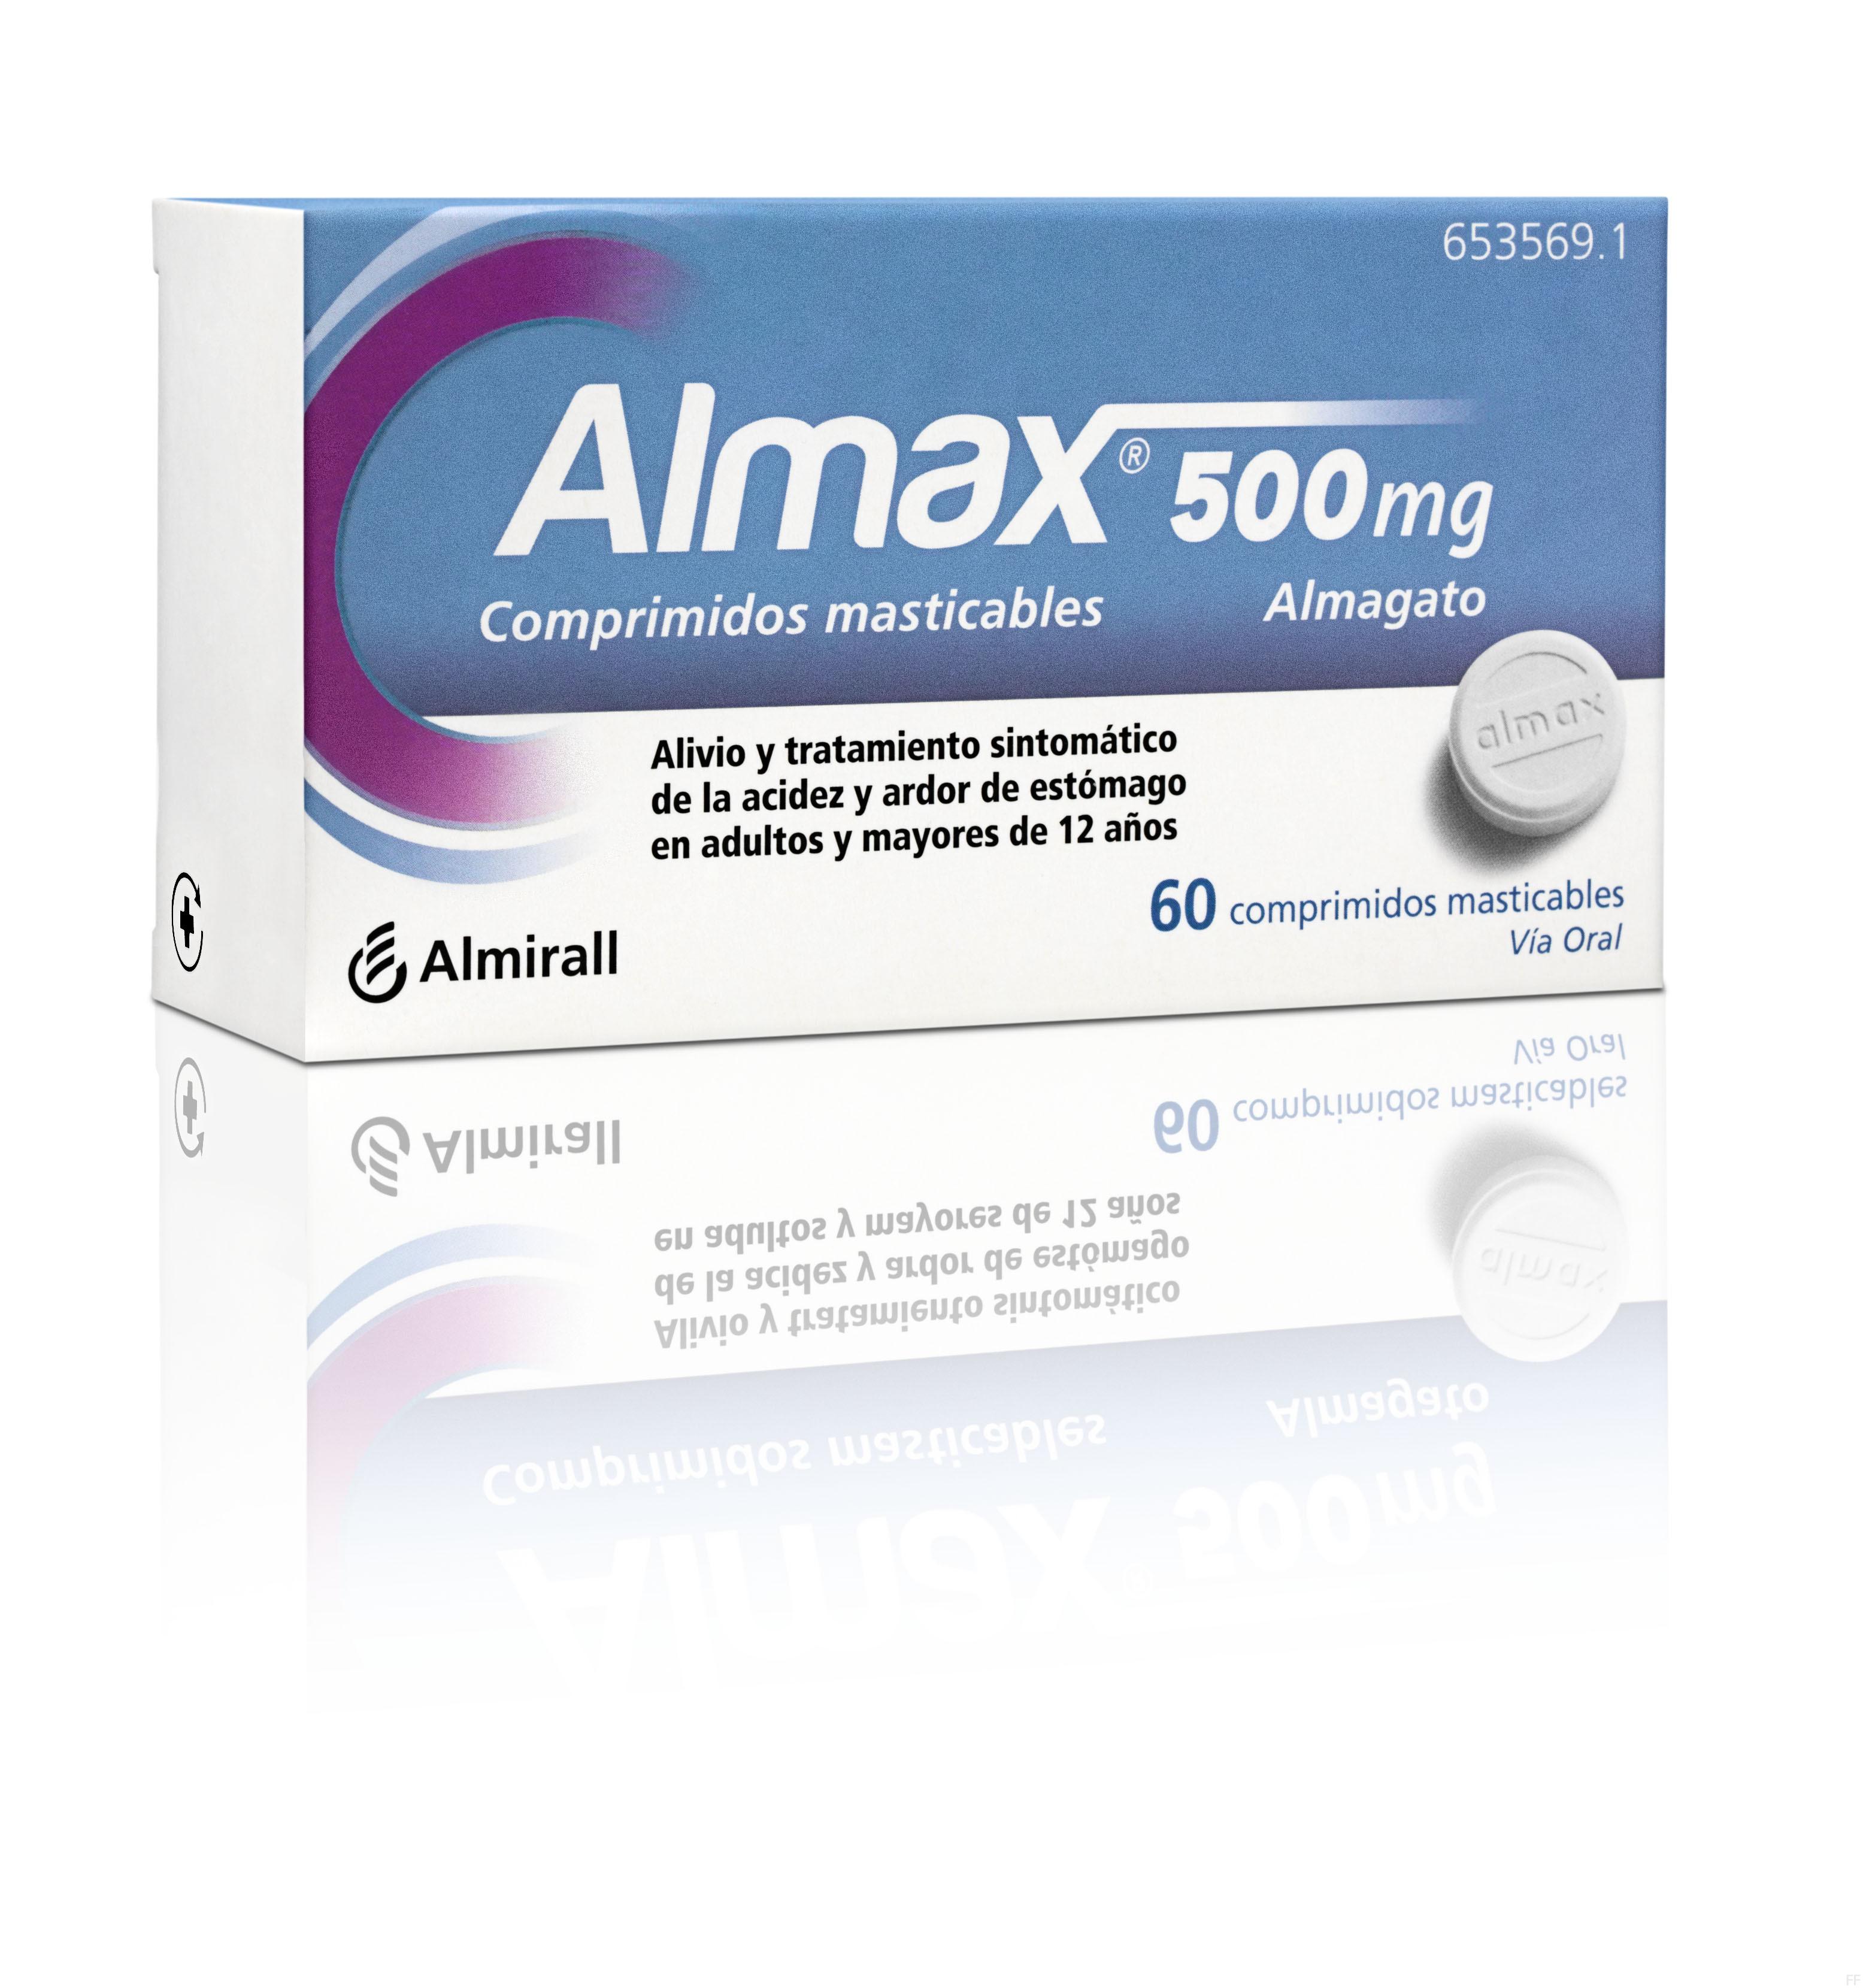 Almax 60 comprimidos masticables